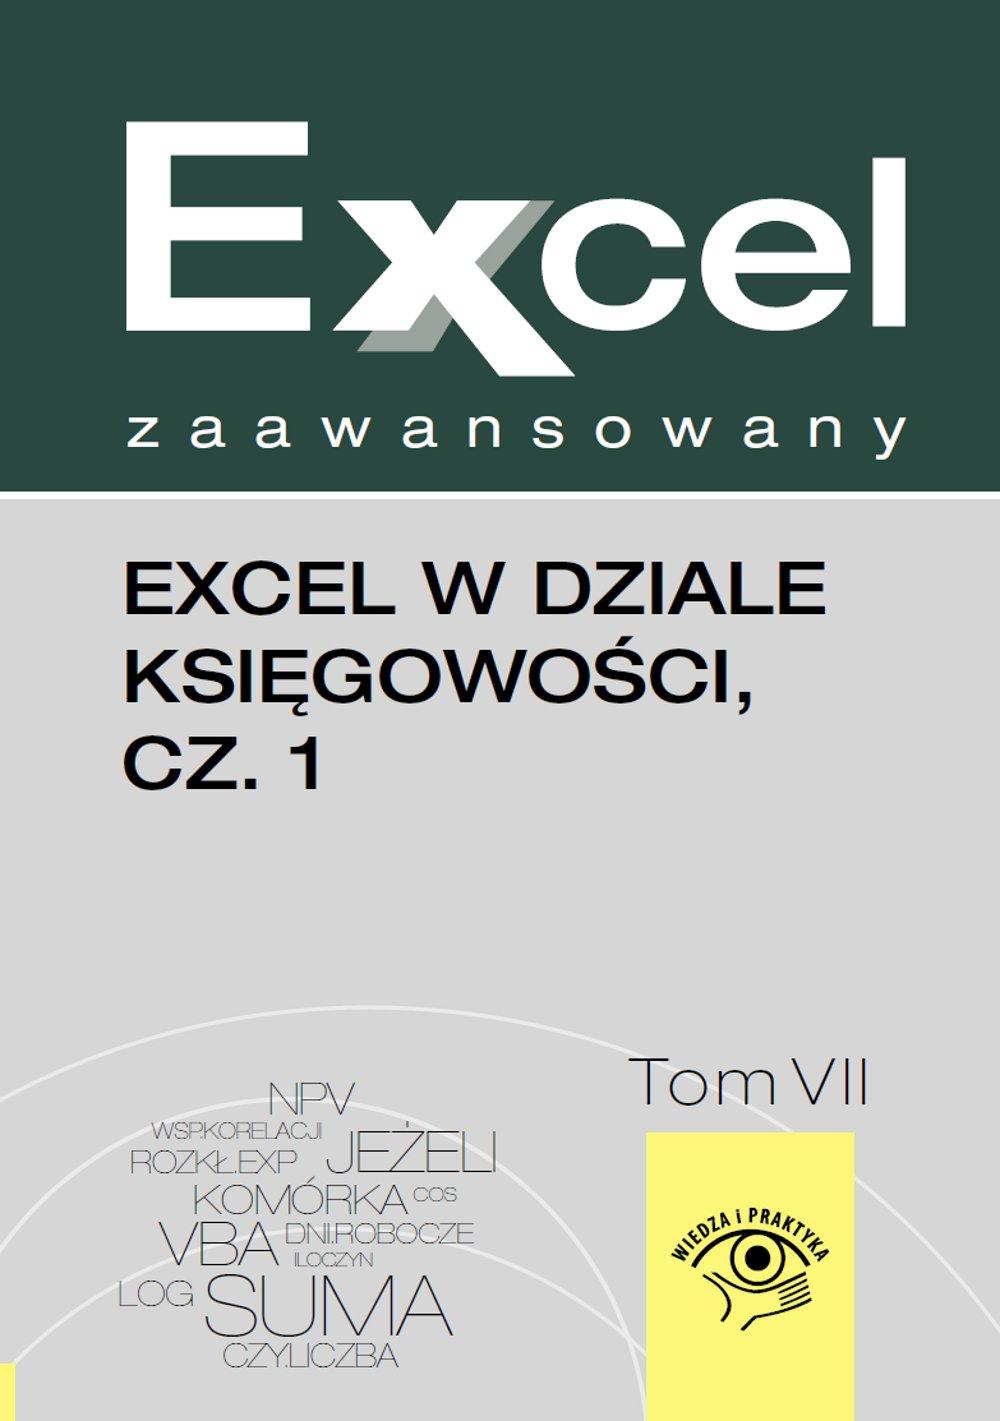 Excel w dziale księgowości. Część 1 - Ebook (Książka na Kindle) do pobrania w formacie MOBI